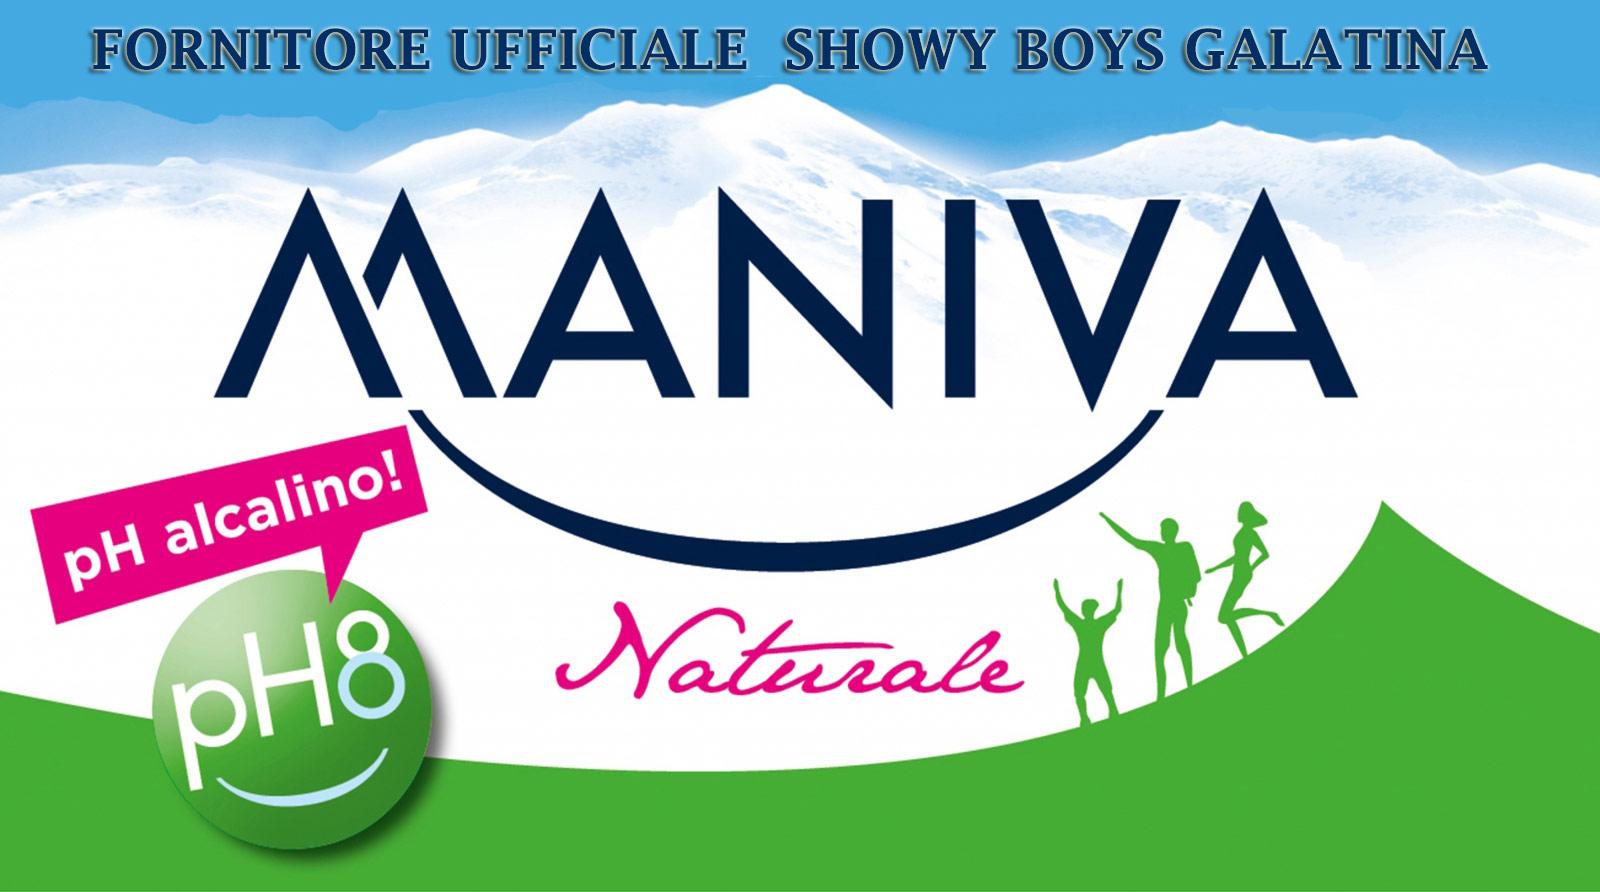 Acqua Maniva fornitore ufficiale della Showy Boys